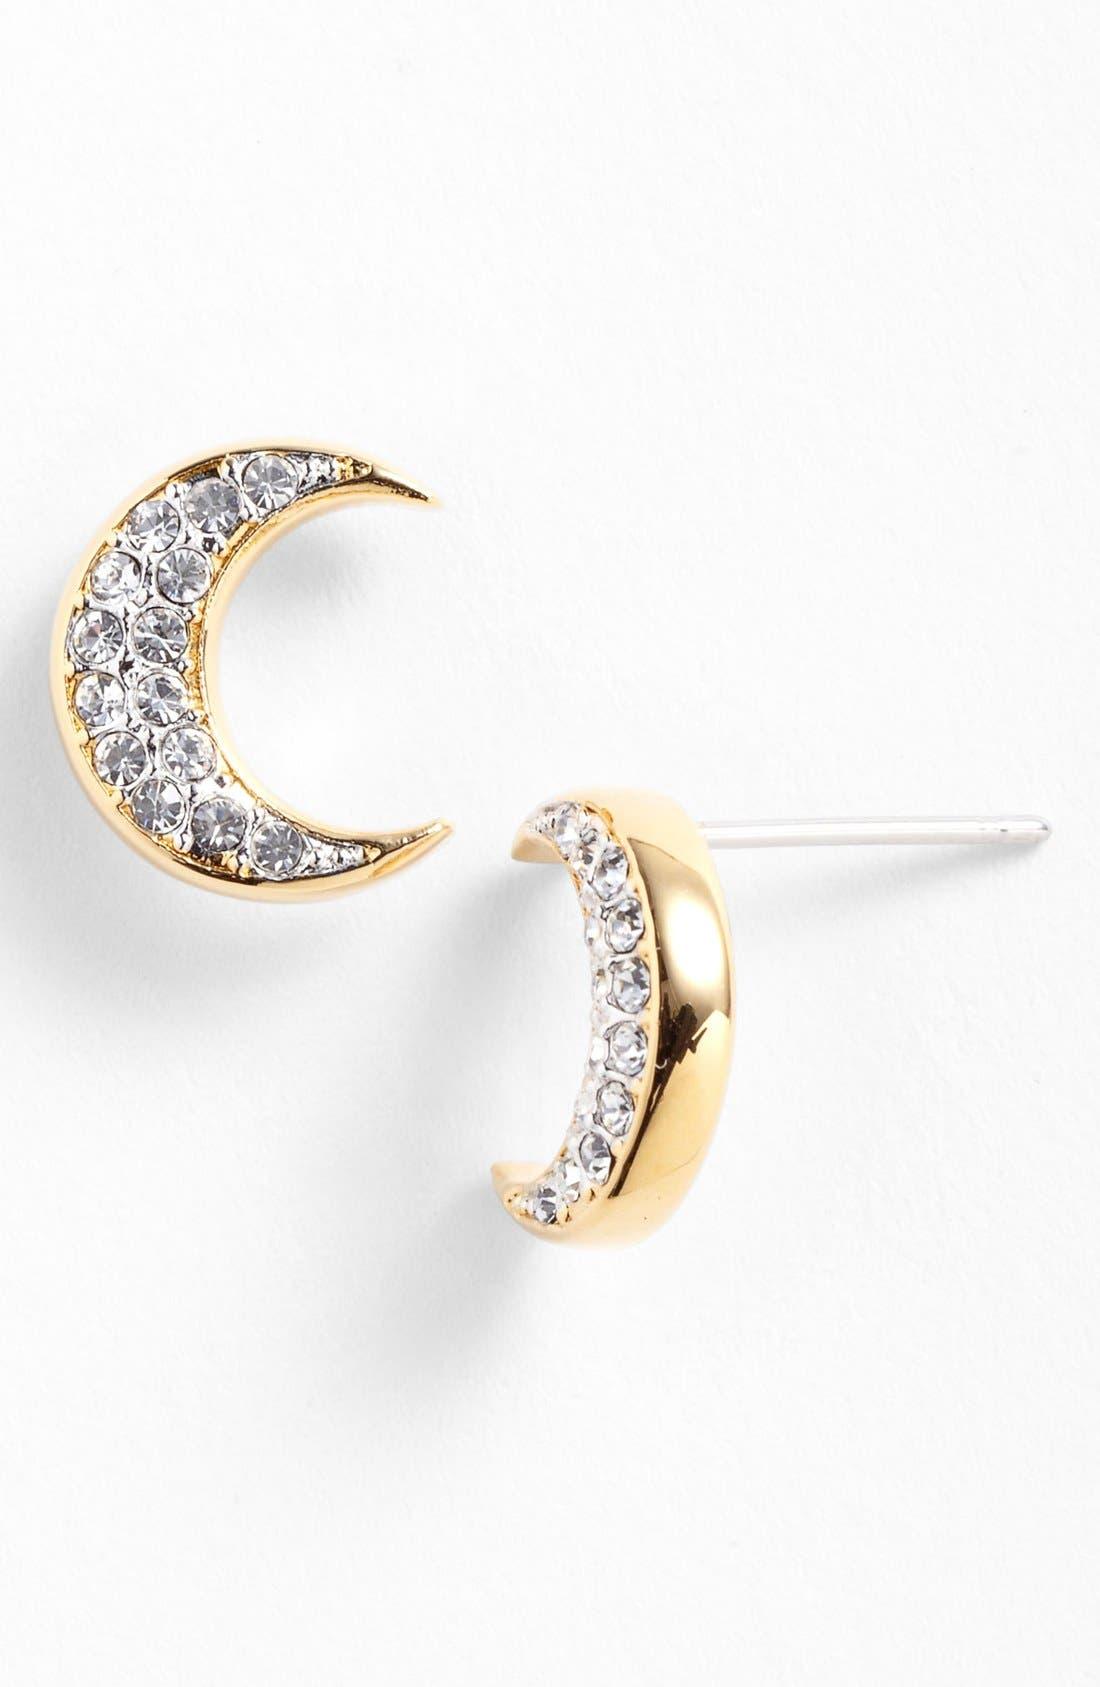 Alternate Image 1 Selected - Nadri 'Charmers' Pavé Symbol Stud Earrings (Nordstrom Exclusive)